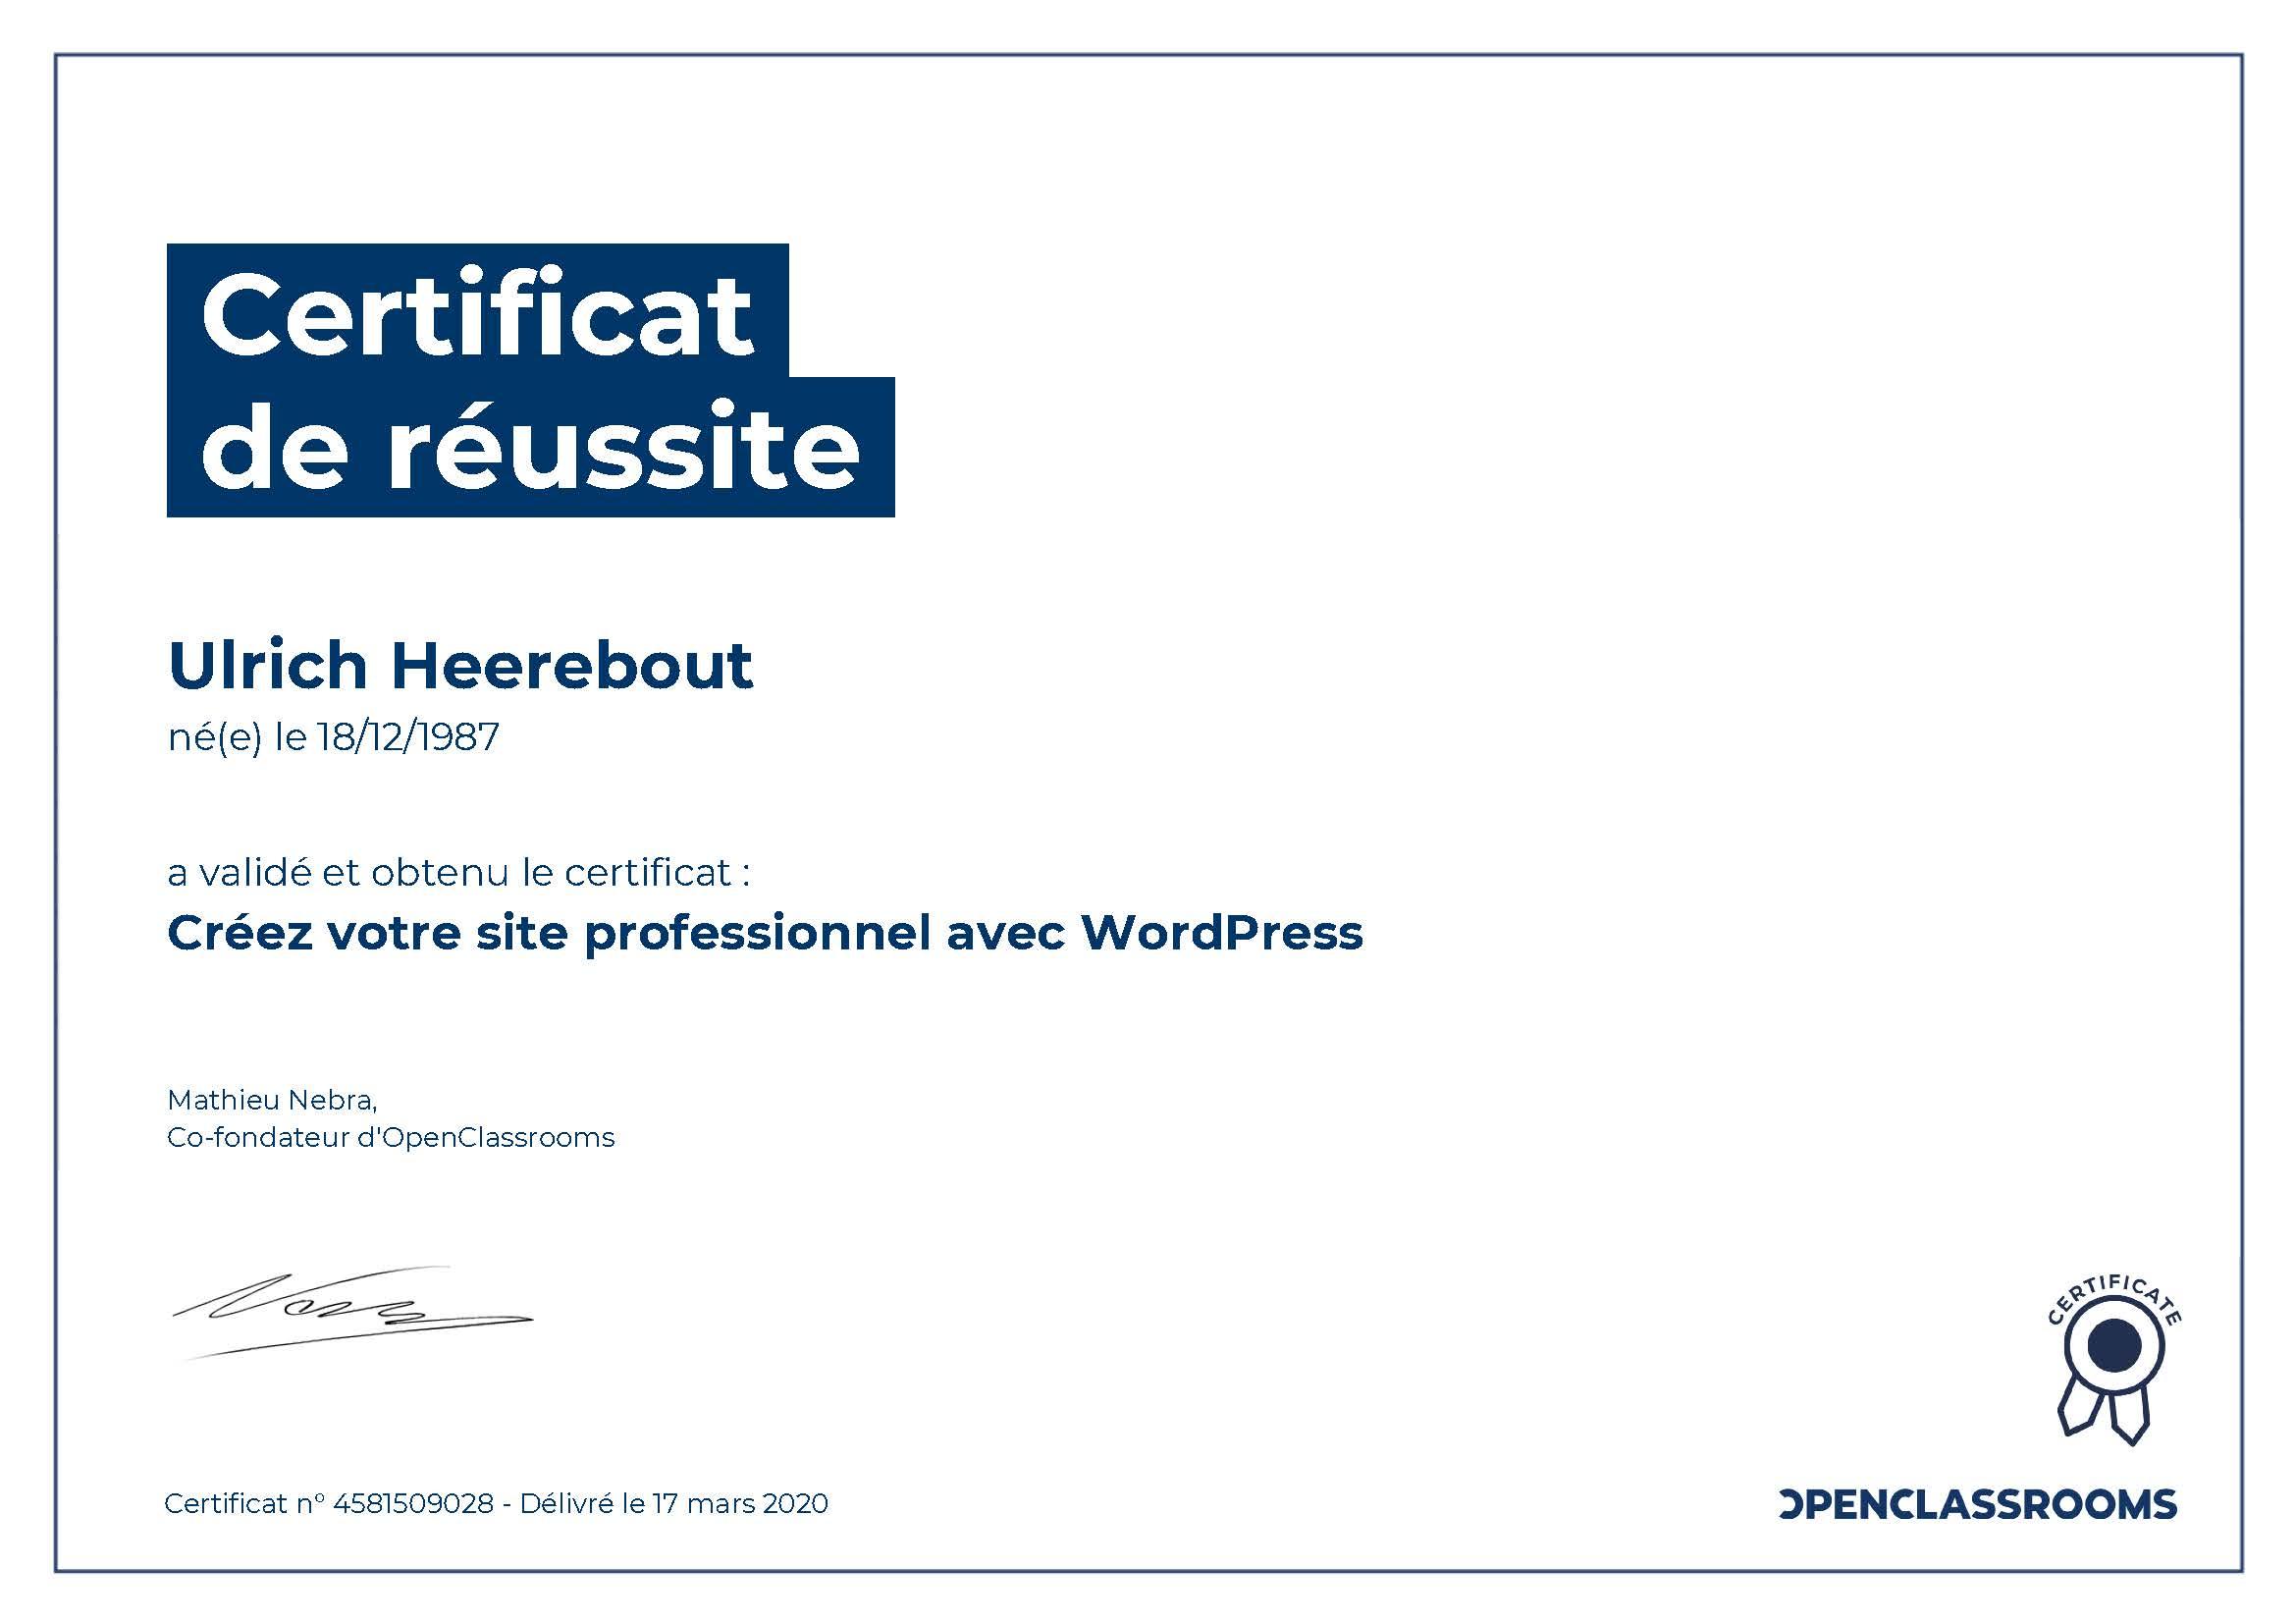 Certificat de réussite : Créer votre site professionnel avec WordPress